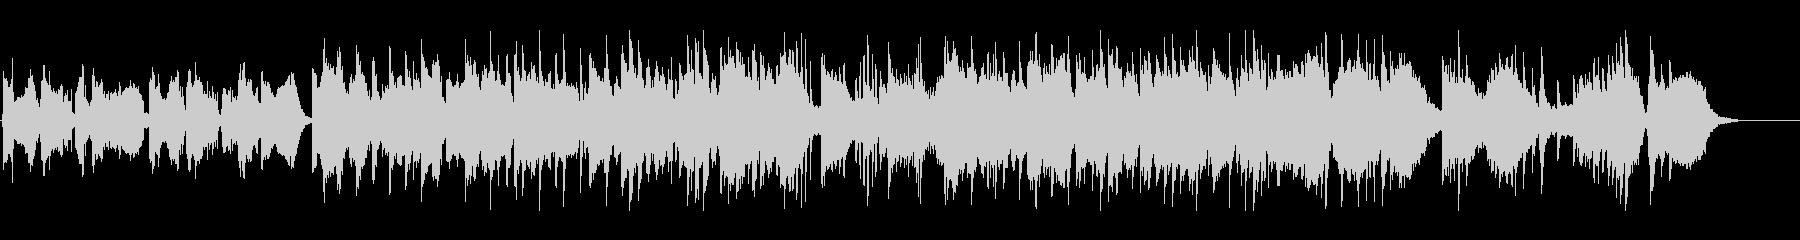 尺八による抒情的な日本音楽 Mix-Aの未再生の波形